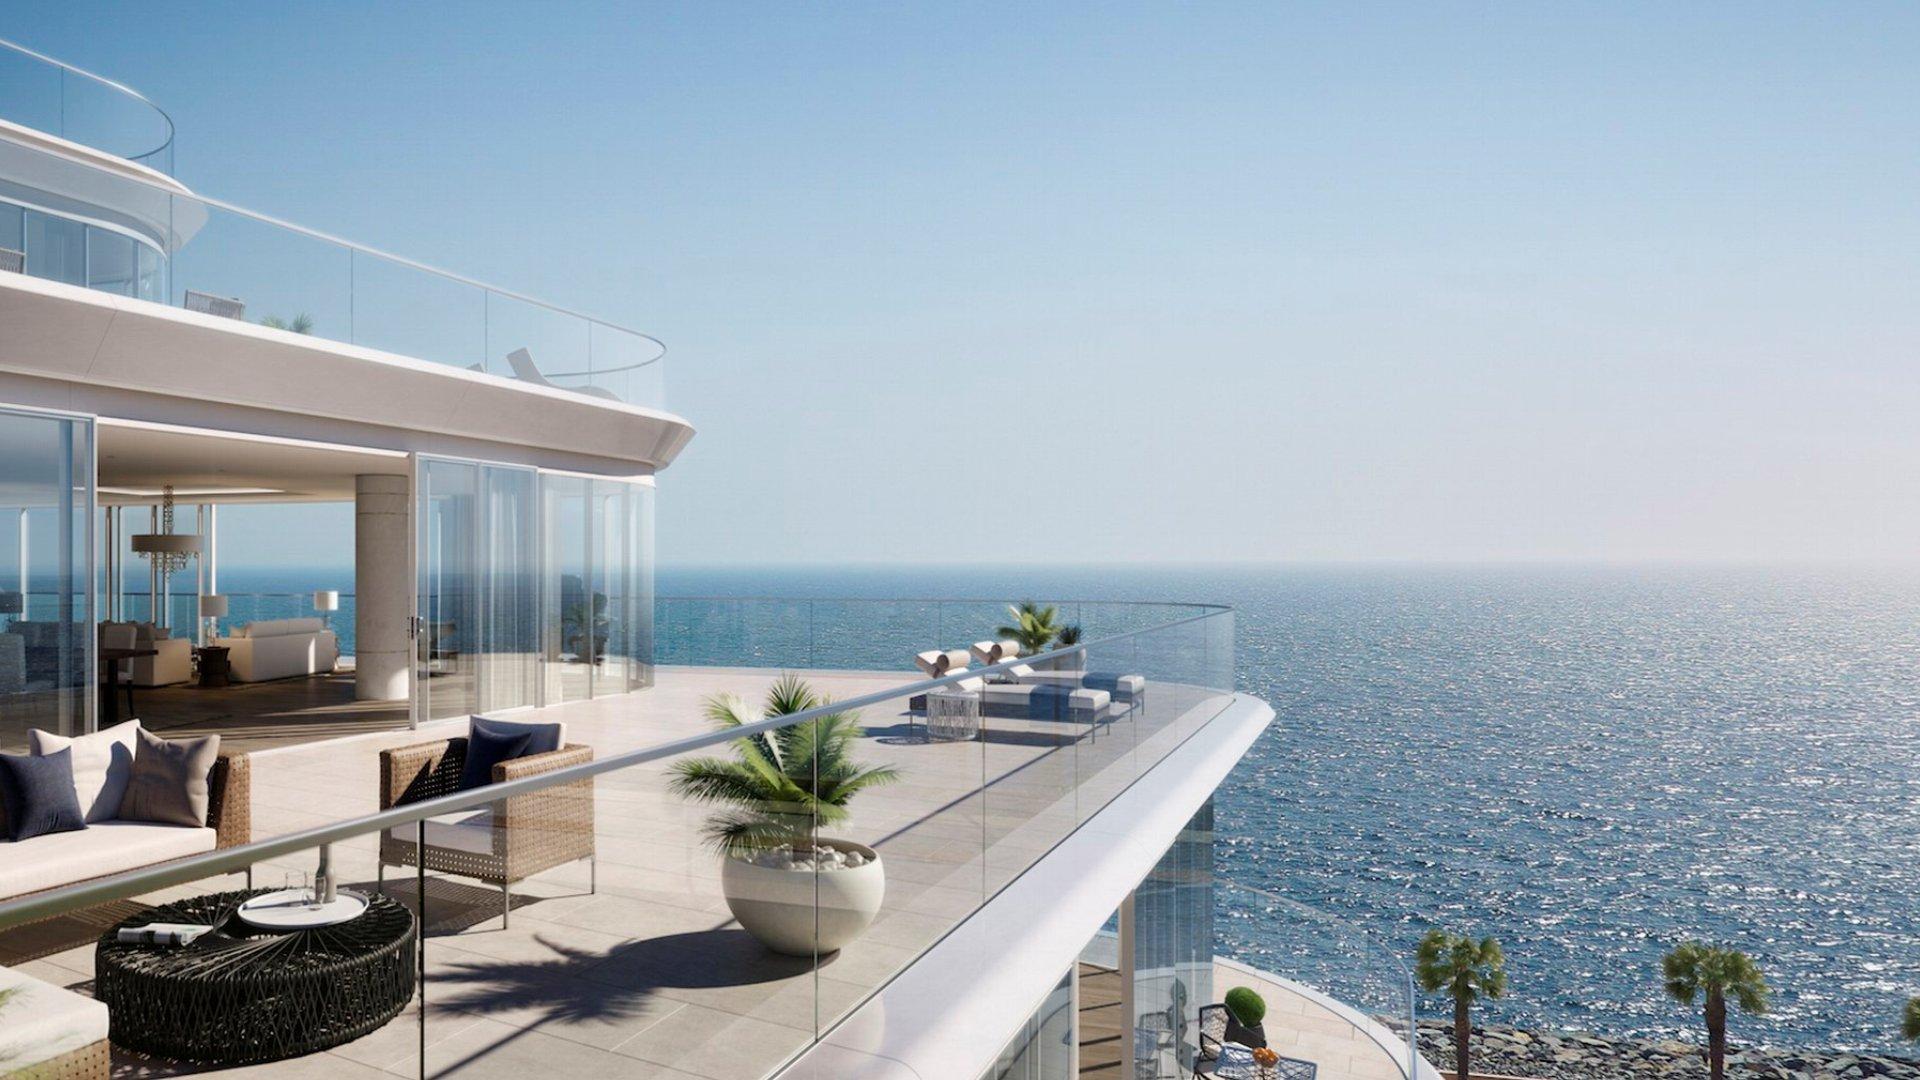 Ático en venta en Dubai, EAU, 4 dormitorios, 1416 m2, № 24265 – foto 4